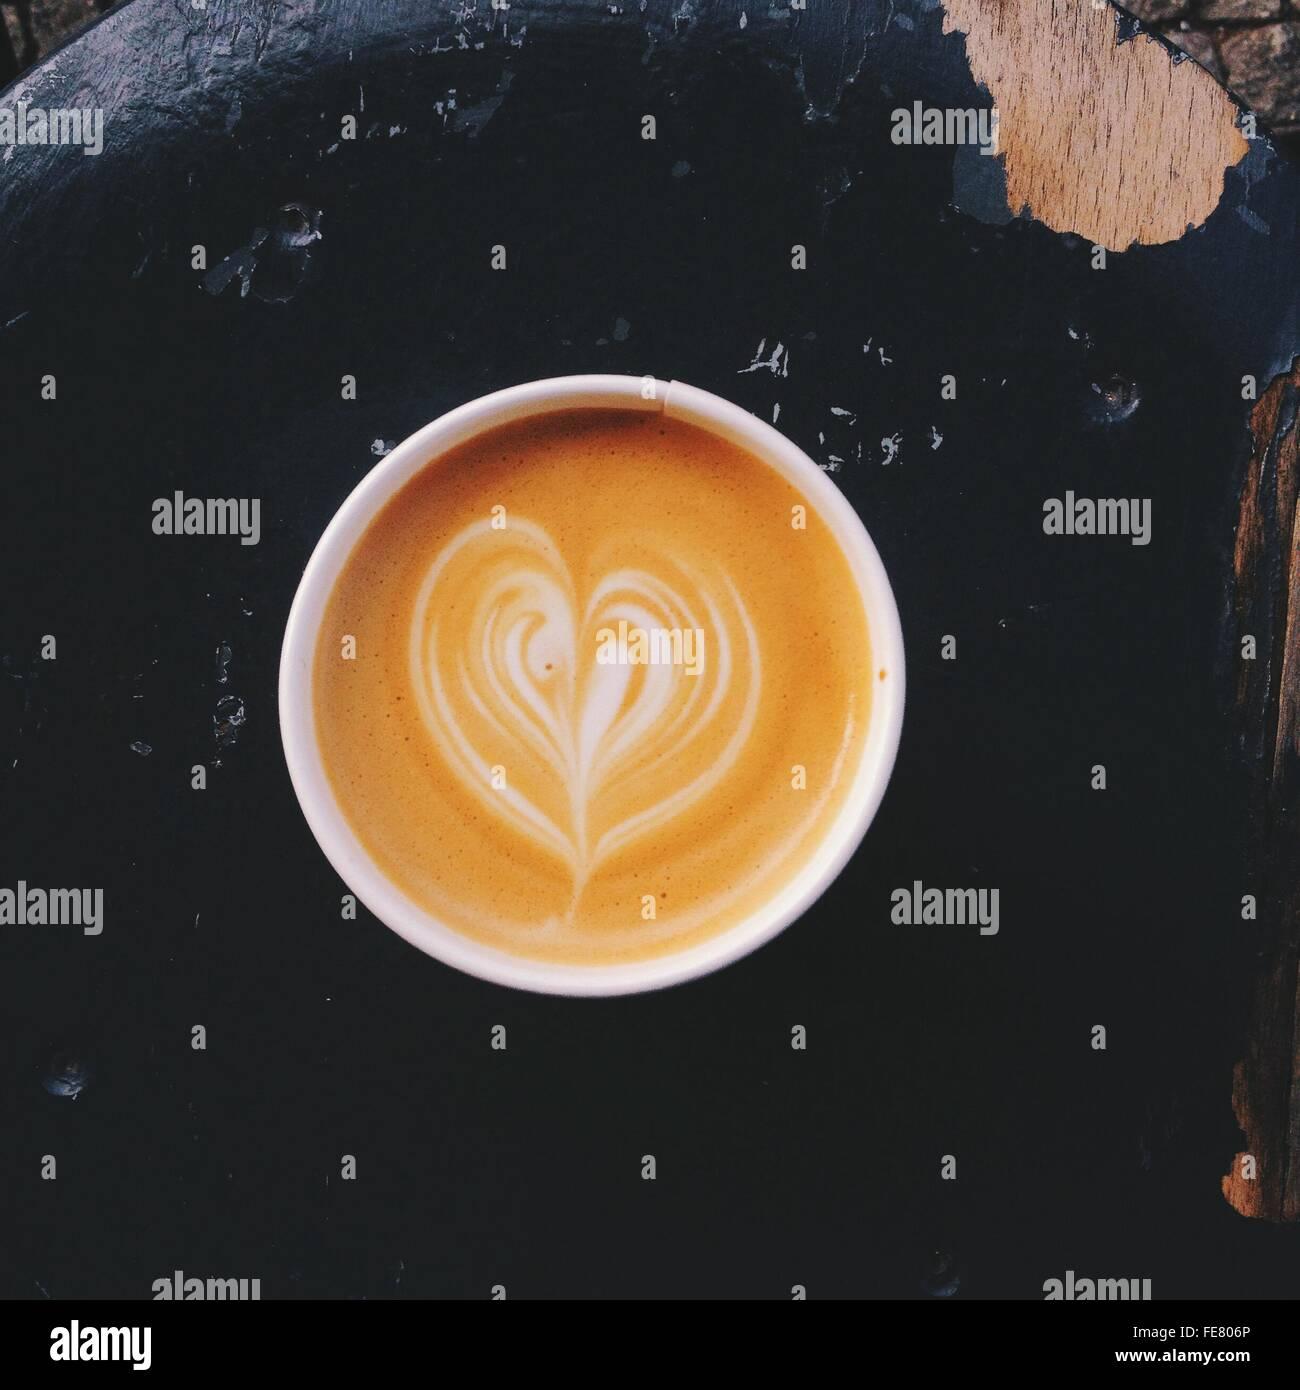 Kaffeebecher Cappuccino mit Latte-Design Stockbild